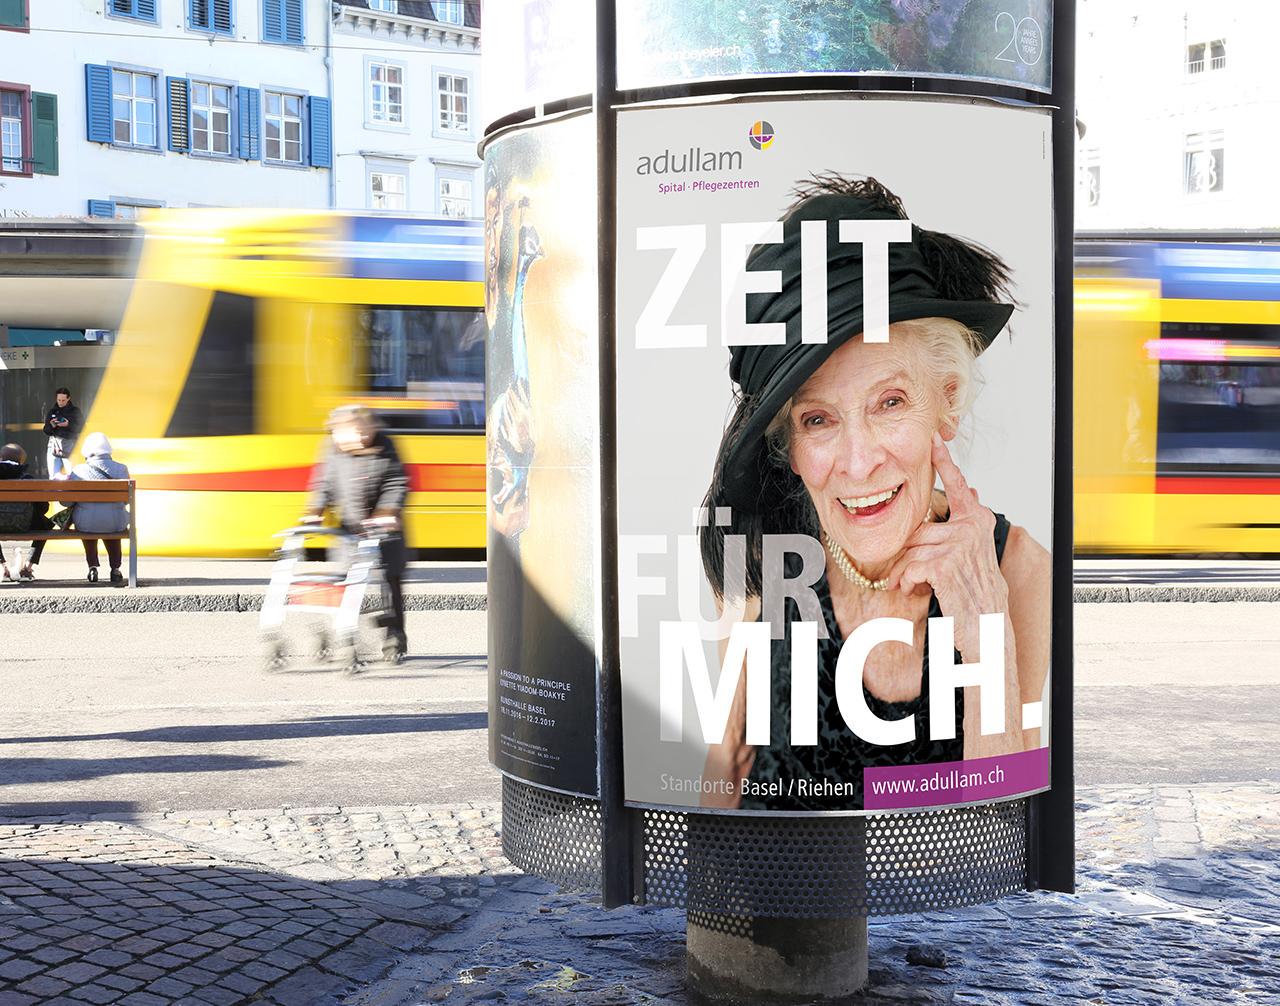 Plakat Zeit für mich. (Adullam Spital und Pflegezentren) am Barfüsserplatz in Basel - scanu communications